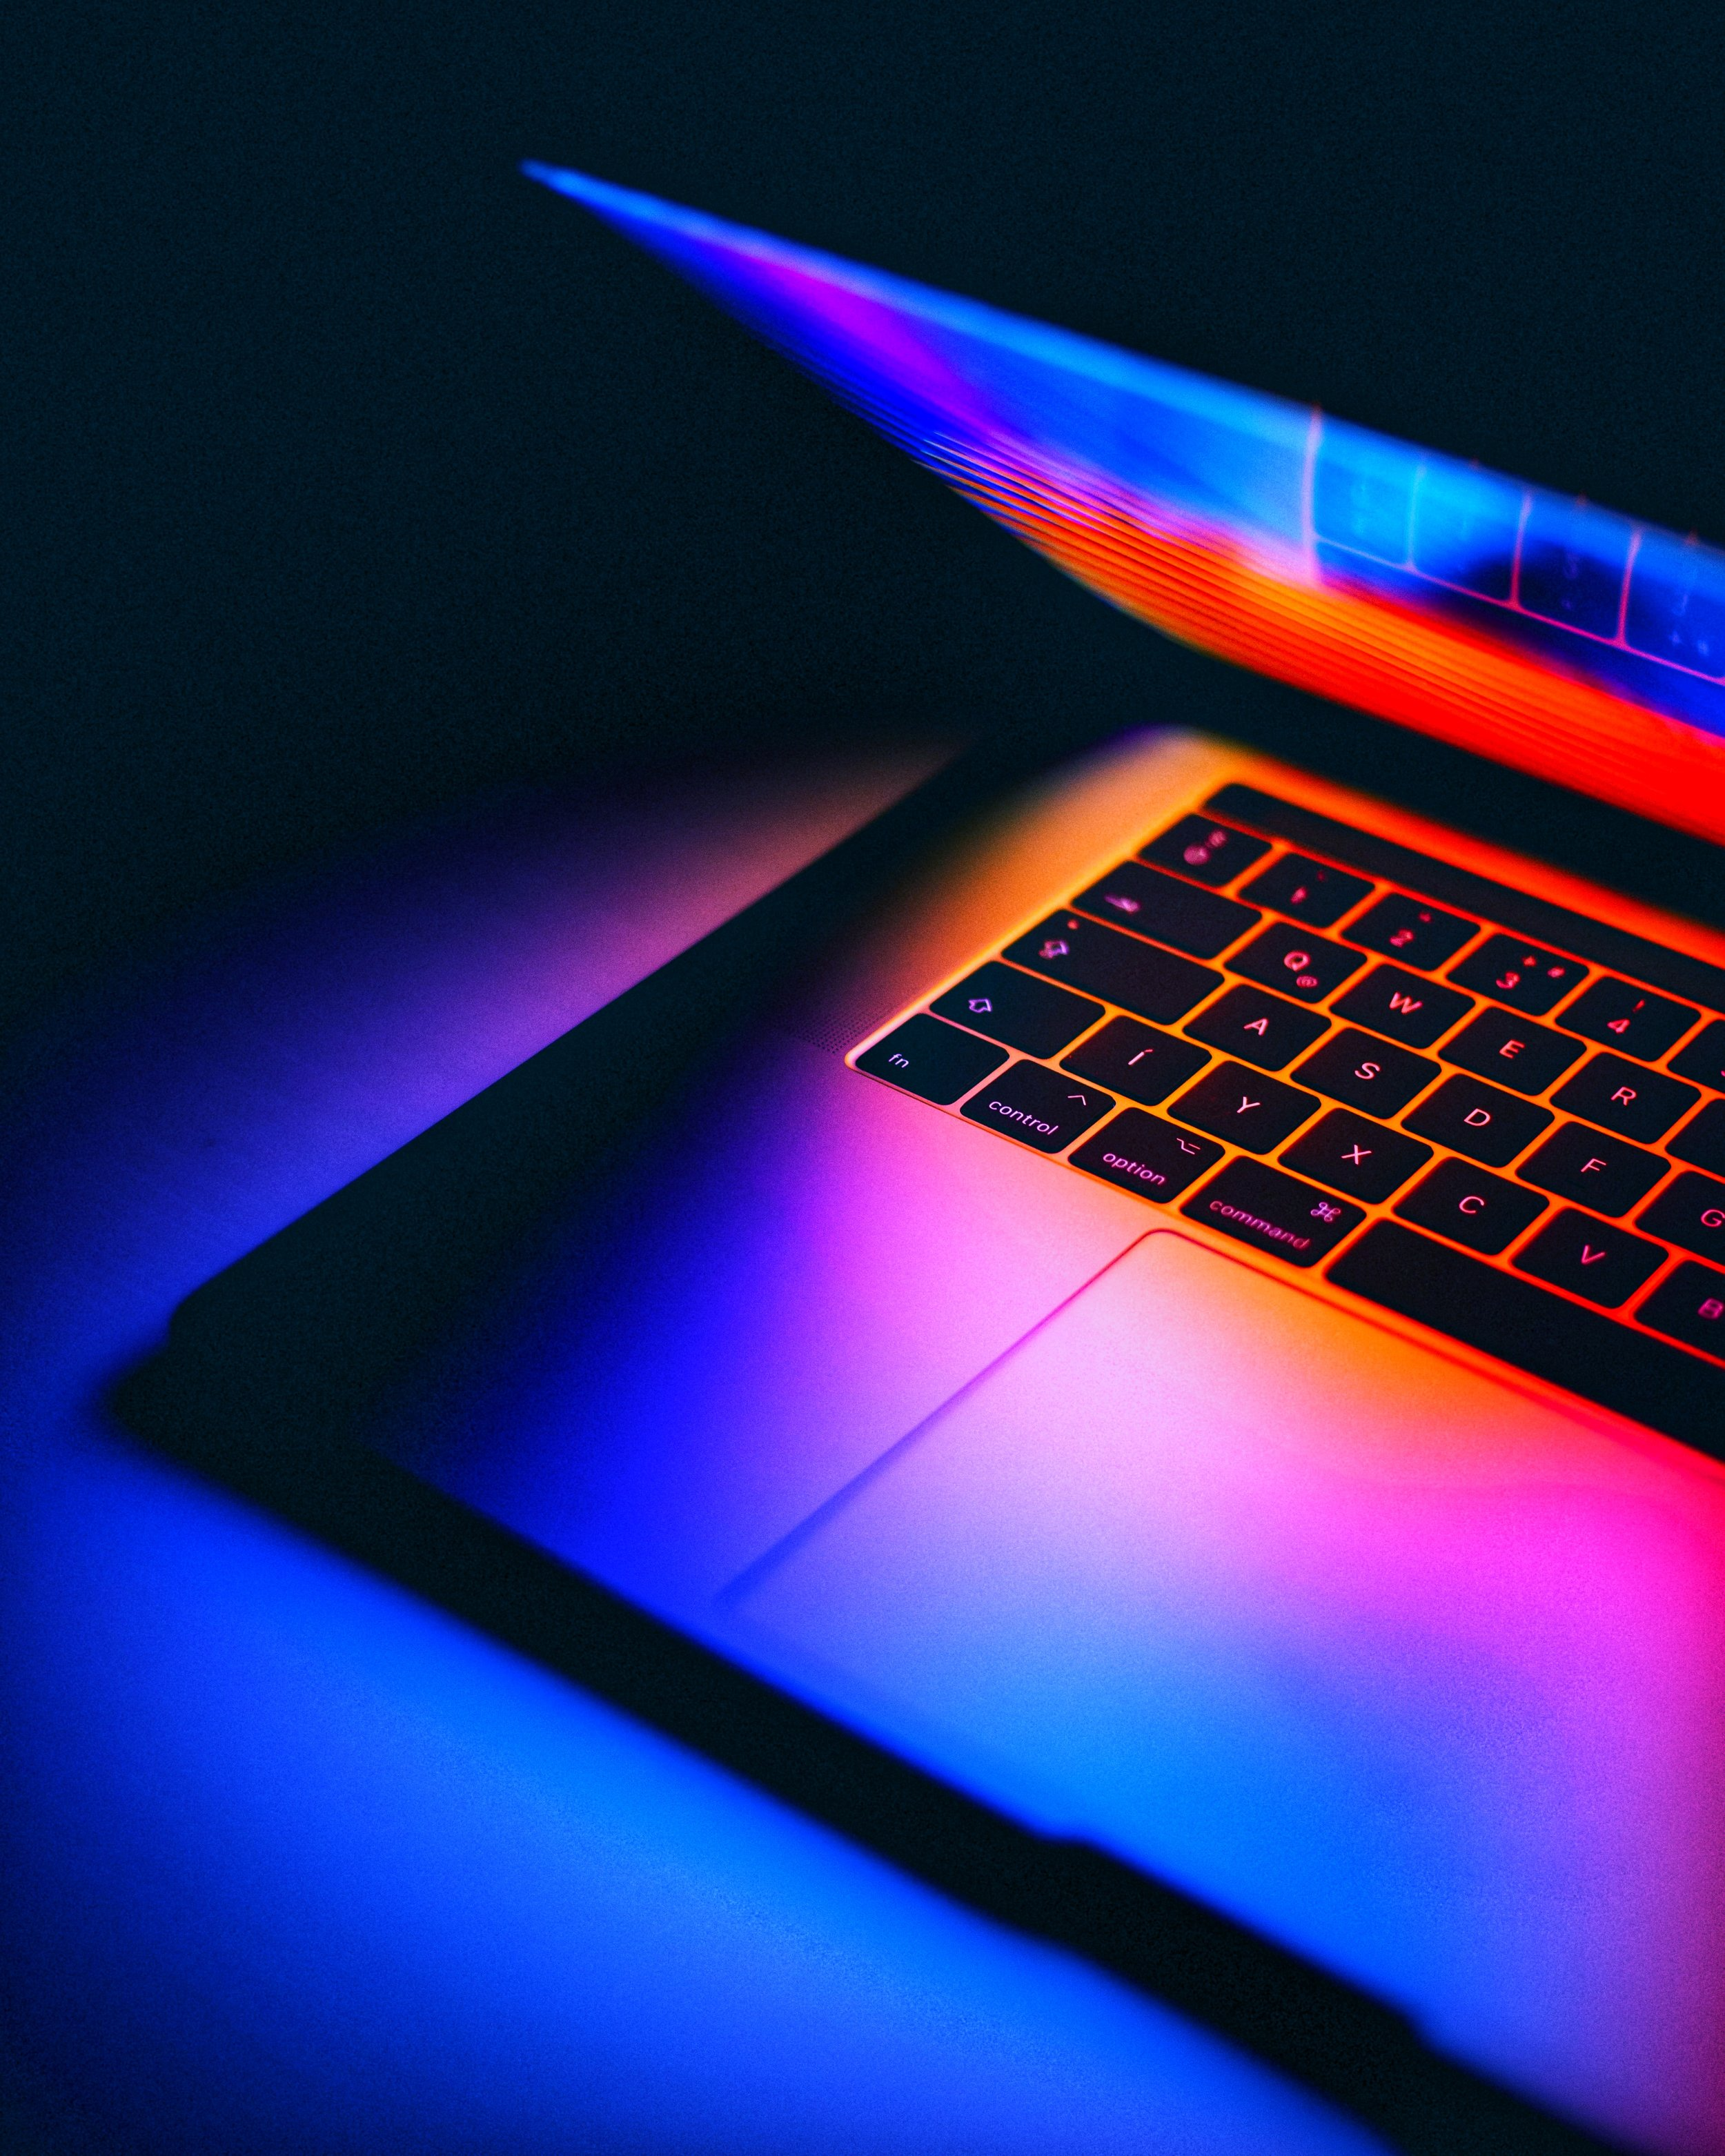 laptop-screen-blue-light.jpeg